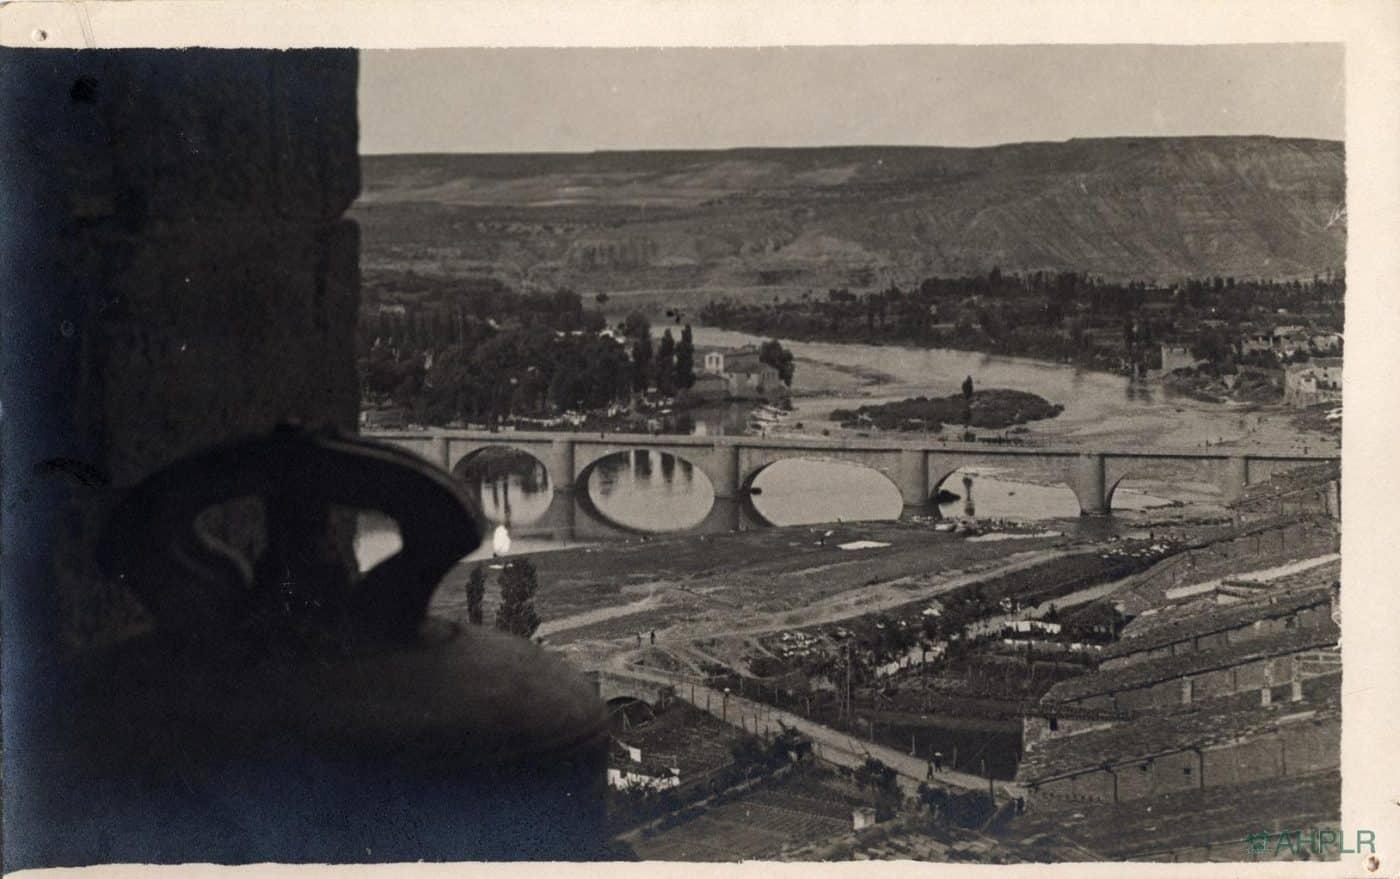 Publicado el fondo fotográfico del doctor Julián Loyola, testigo del Logroño de los años 30 y 40 3